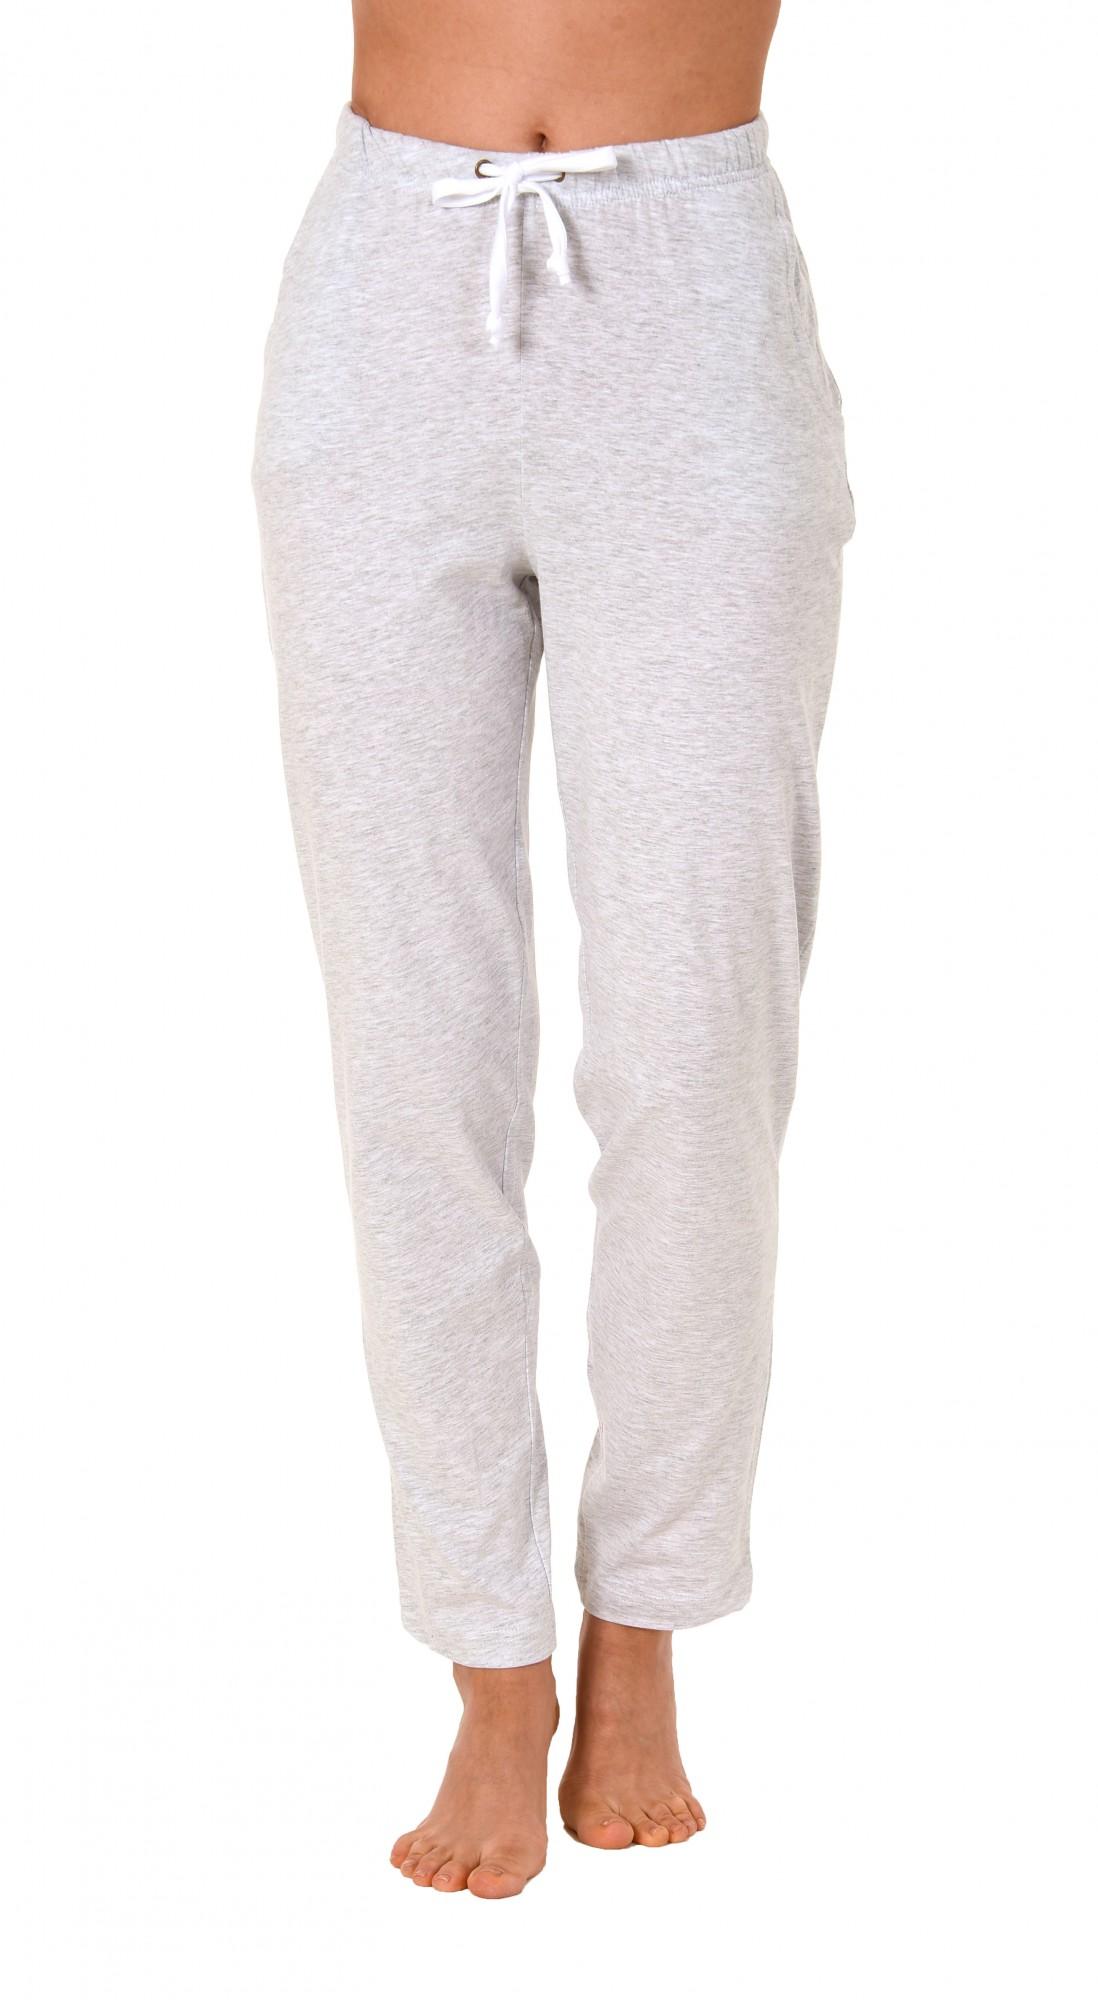 Damen Pyjama Hose lang- Mix & Match – unifarben- ideal zum kombinieren  222 90 902 – Bild 2